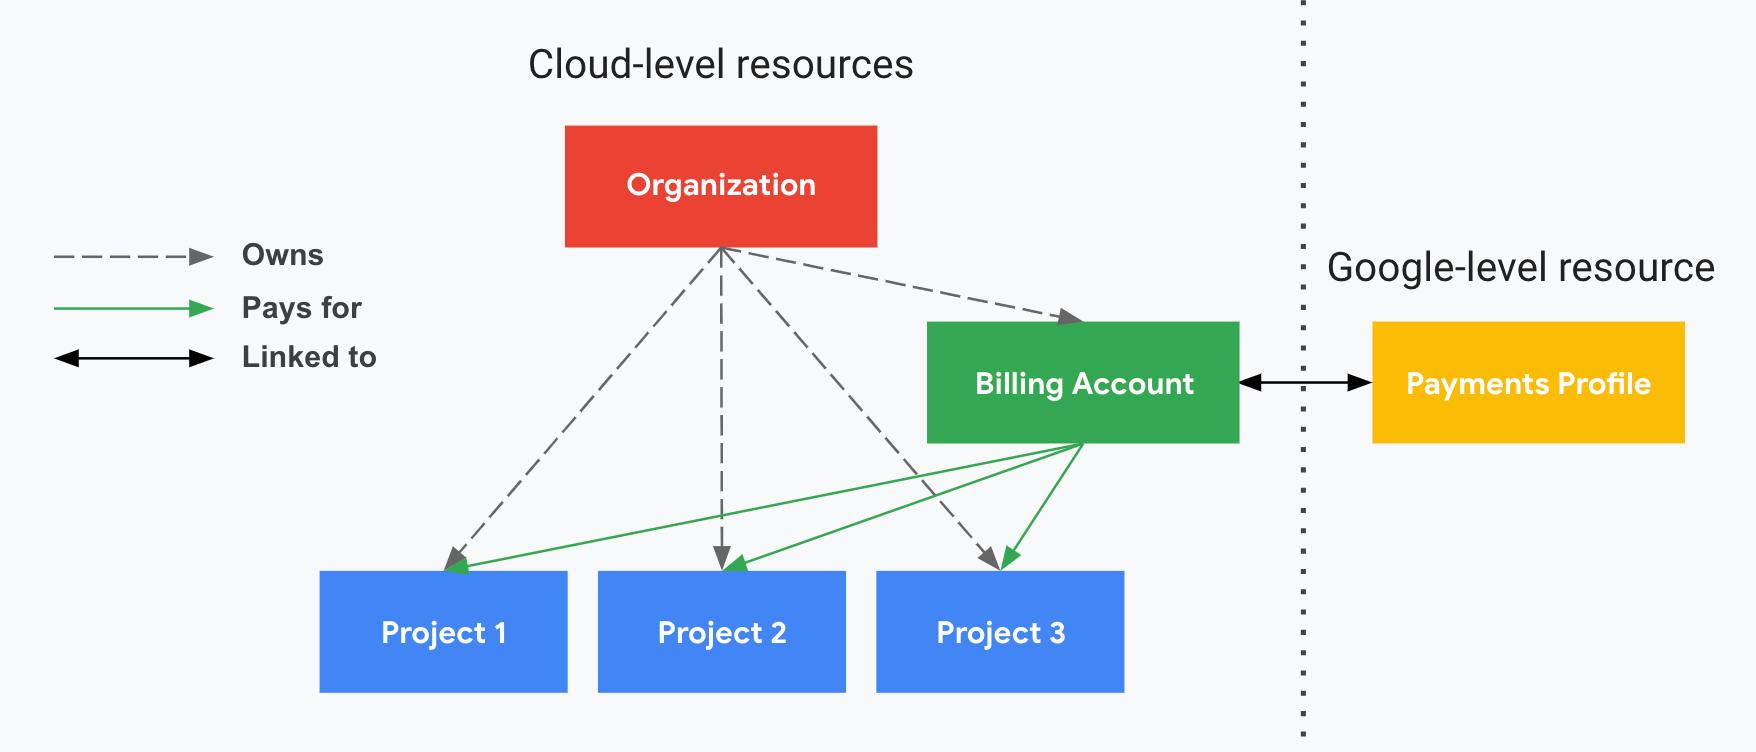 显示了项目与 Cloud Billing 和您的付款资料之间的关系。一侧显示了您的 Cloud 级资源(Cloud Billing 帐号和关联项目),另一侧显示了您的 Google 级资源(付款资料),两侧由垂直虚线分隔。您的项目由您的 Cloud Billing 帐号支付,该帐号已与您的付款资料关联。